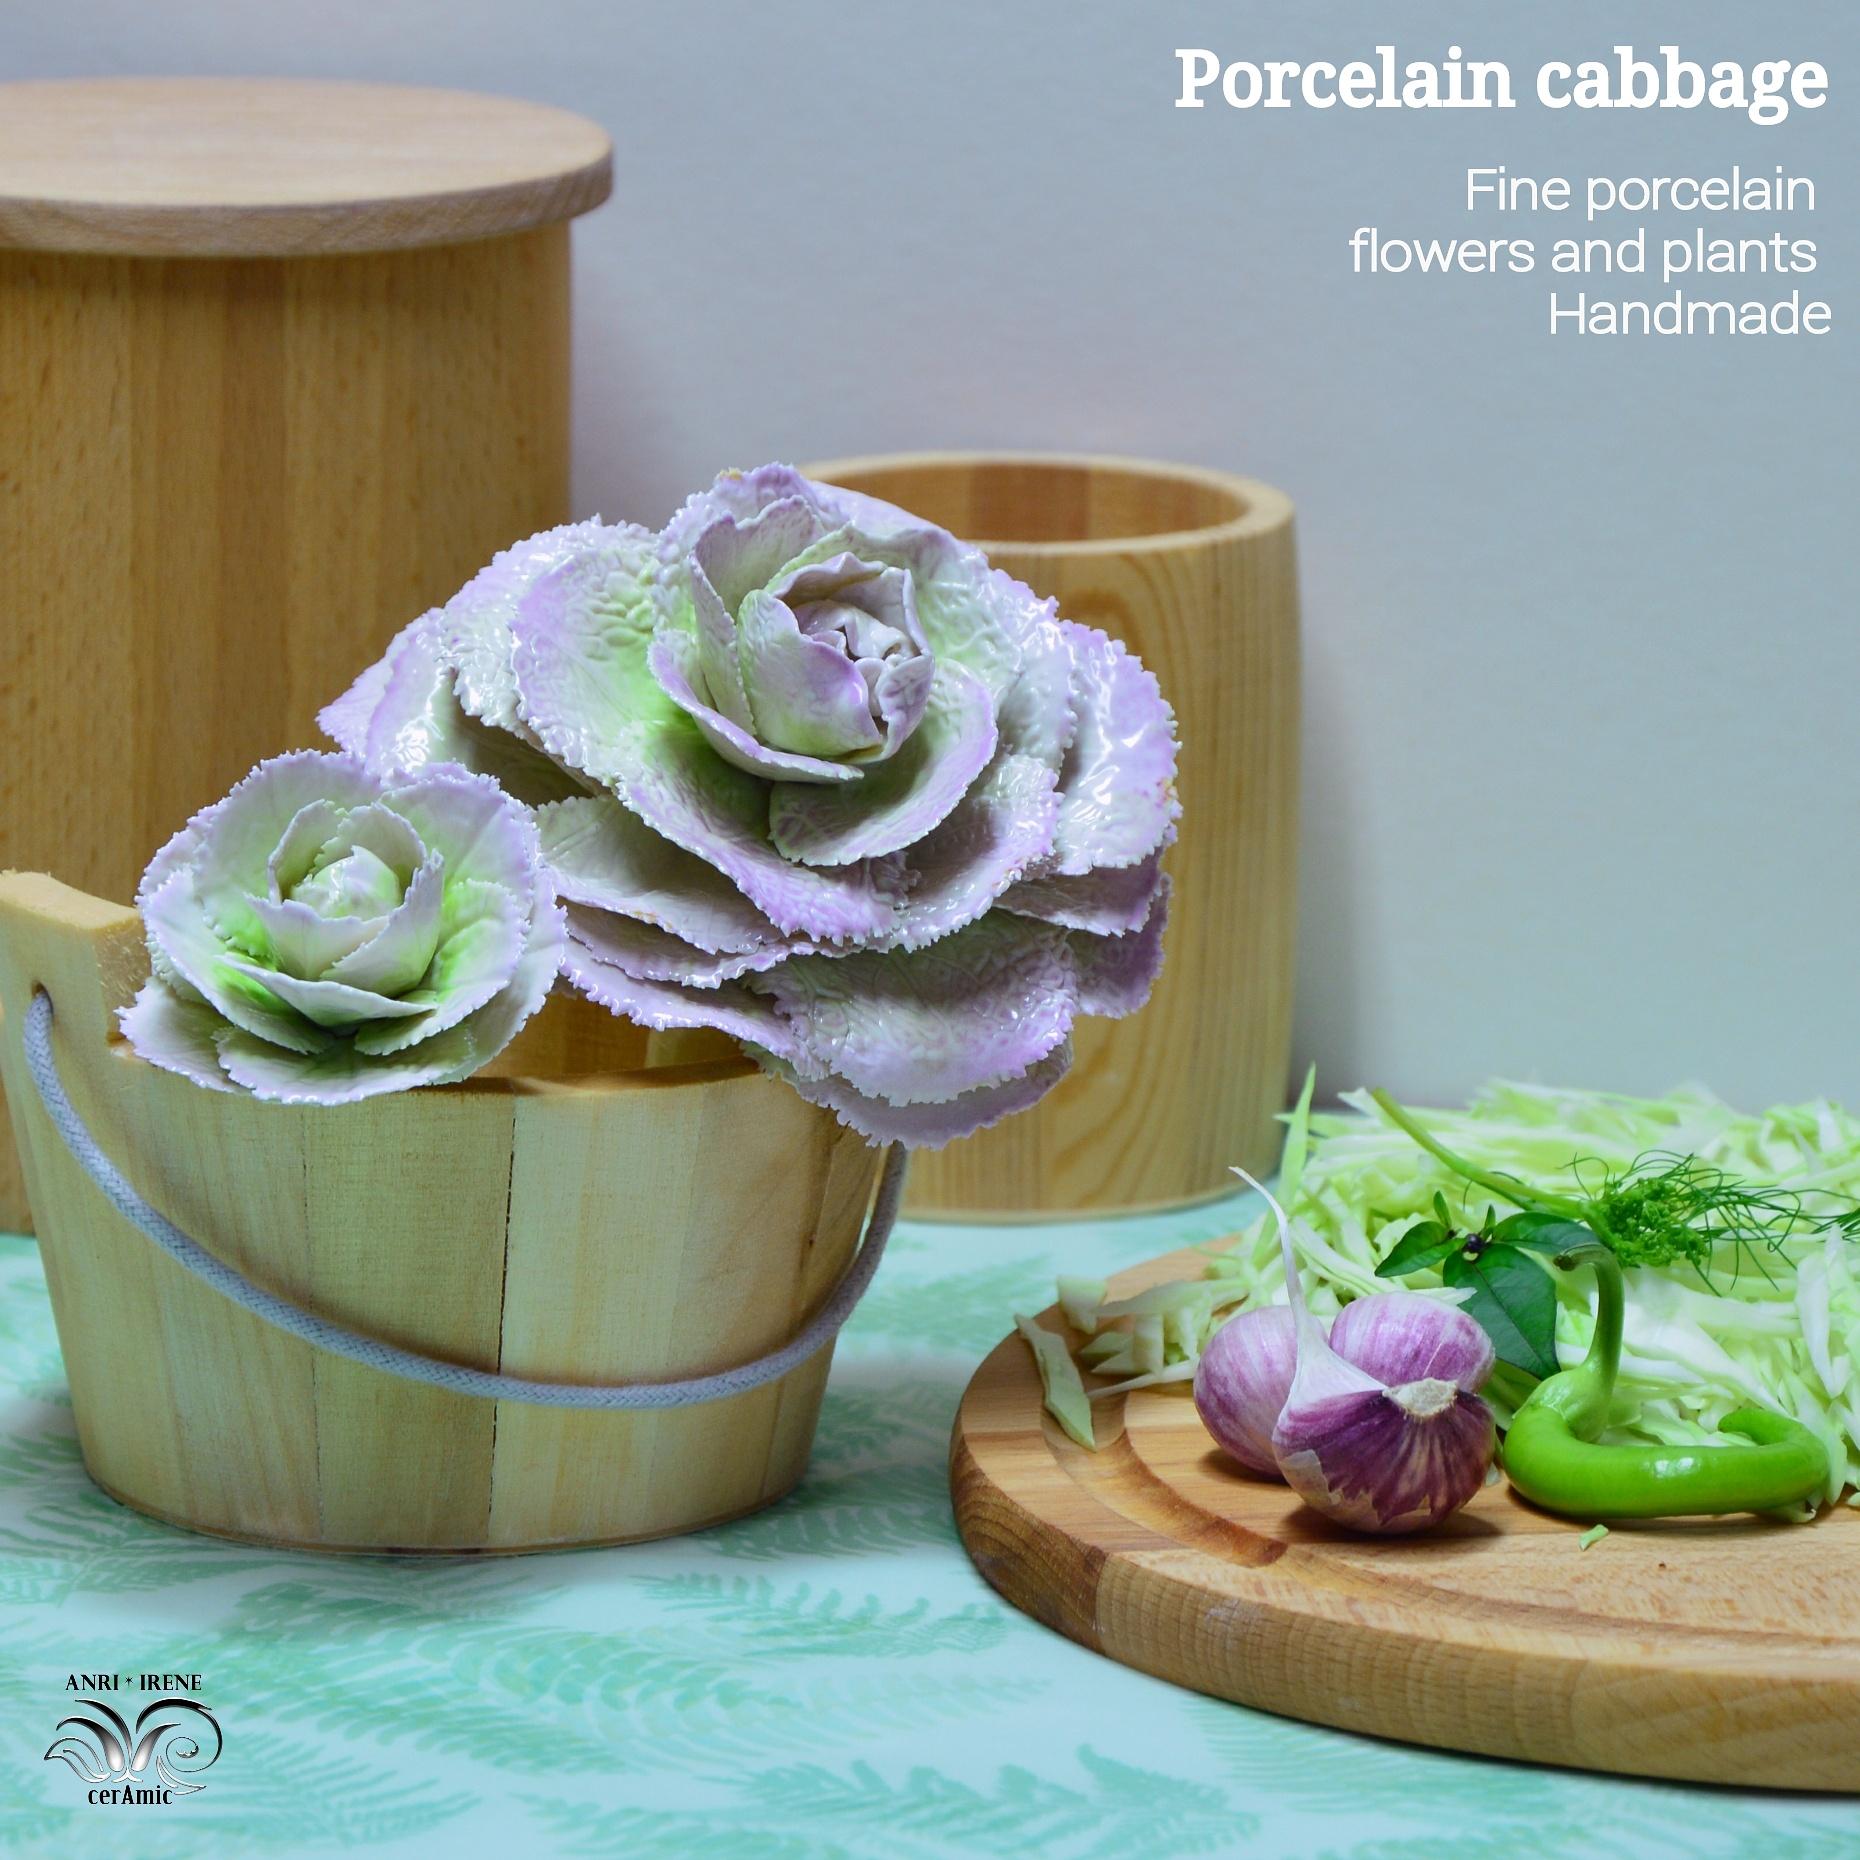 Porcelain decorative cabbage